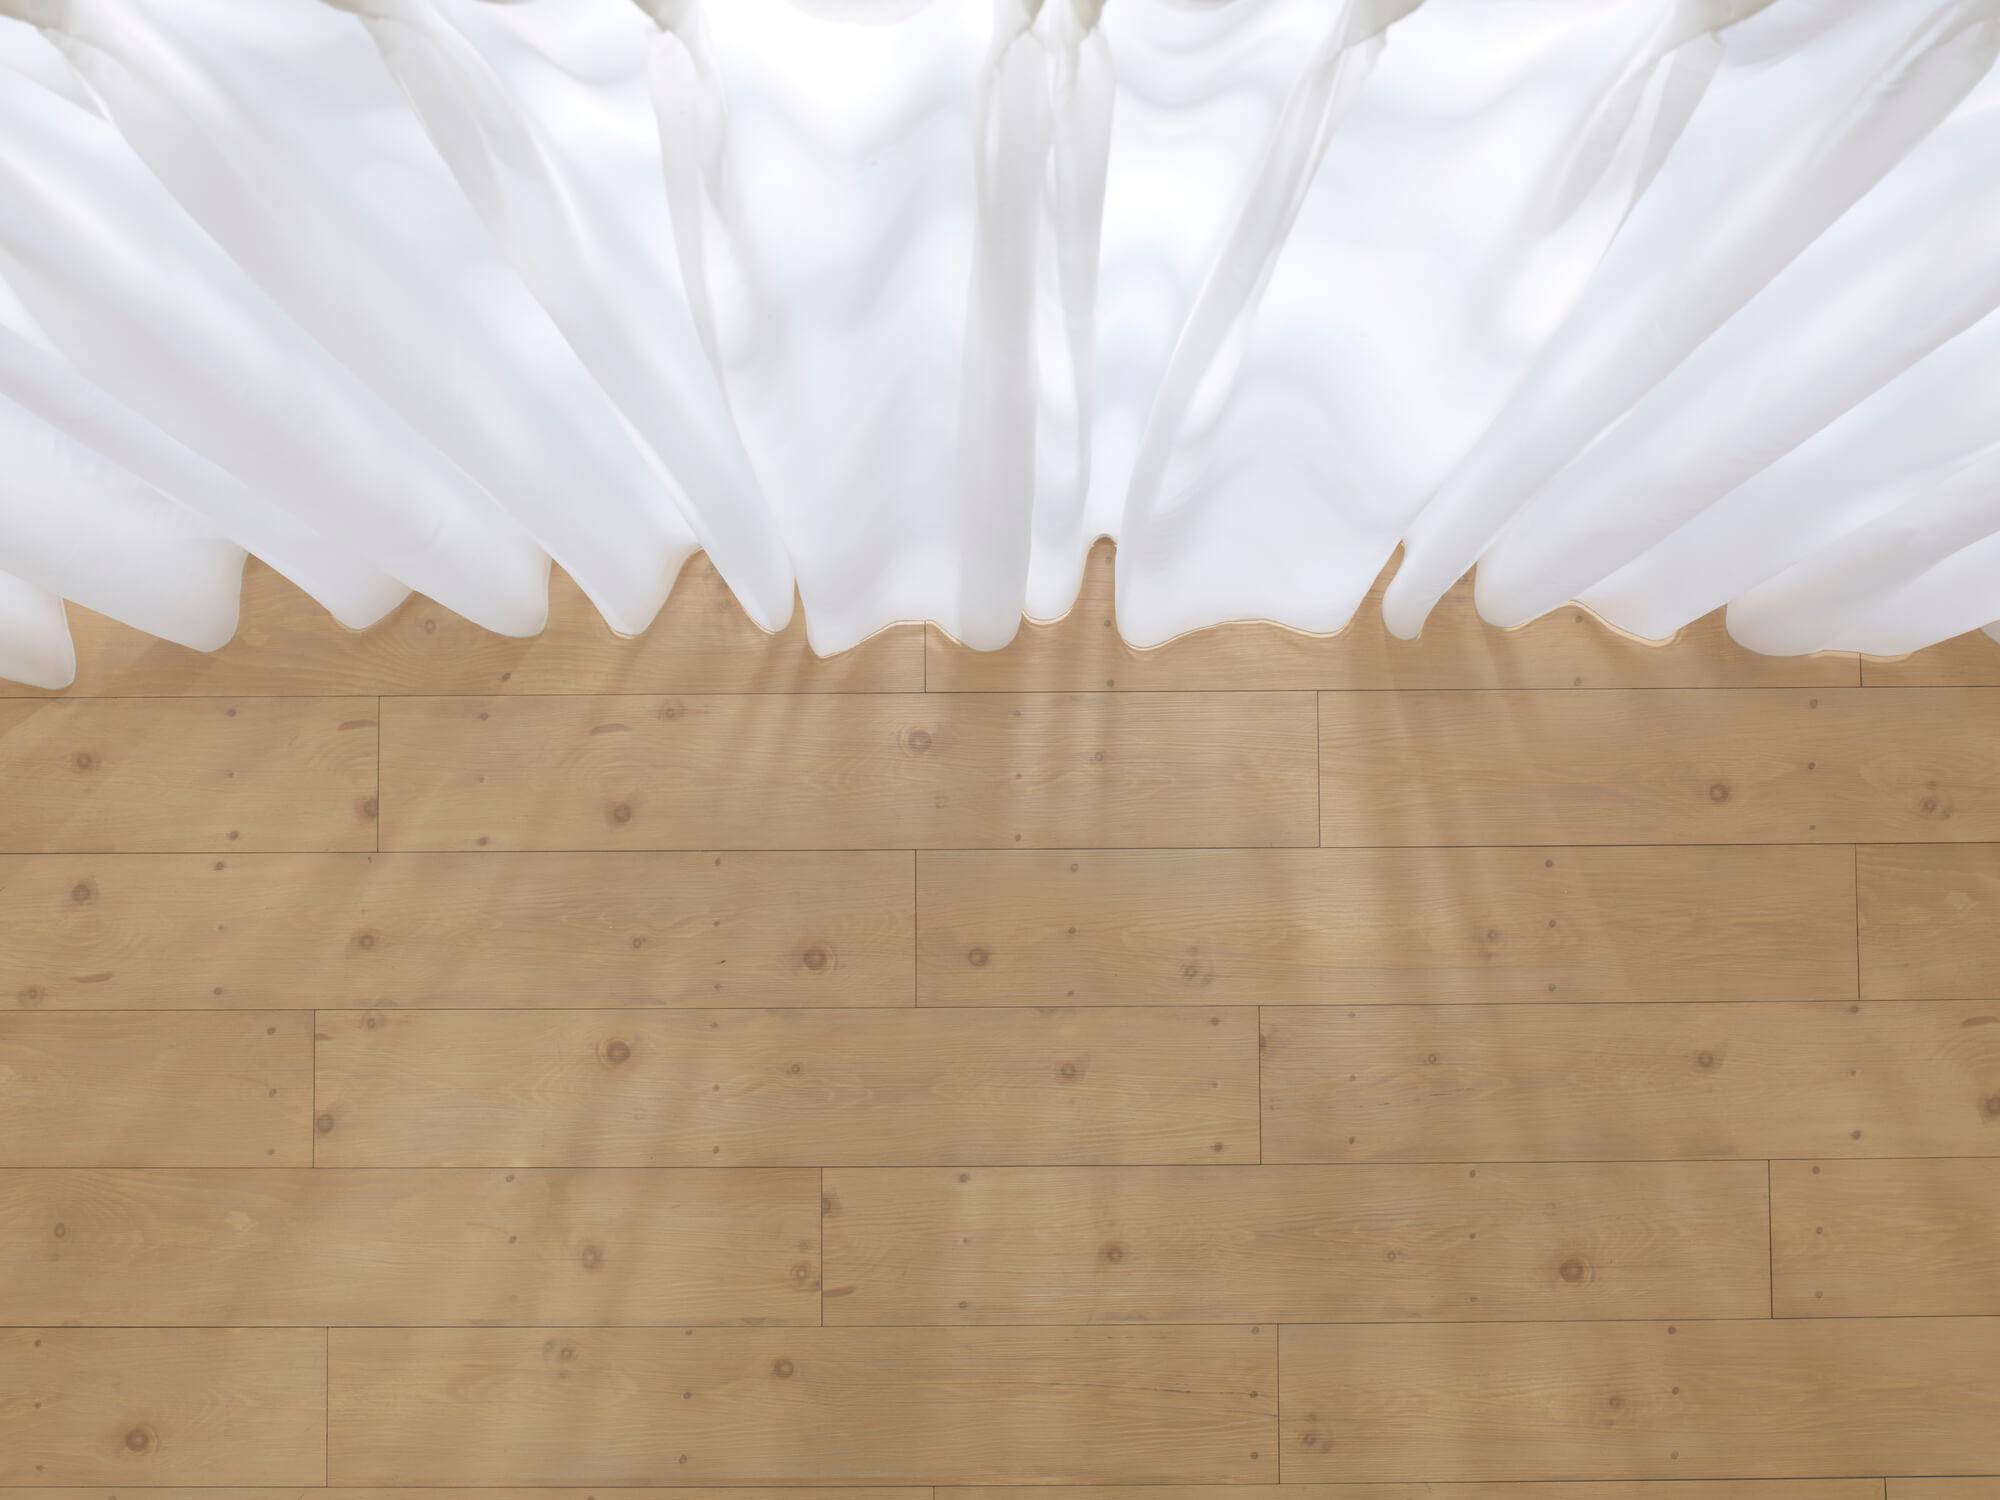 【対策2】厚めのカーテン、緑のカーテン